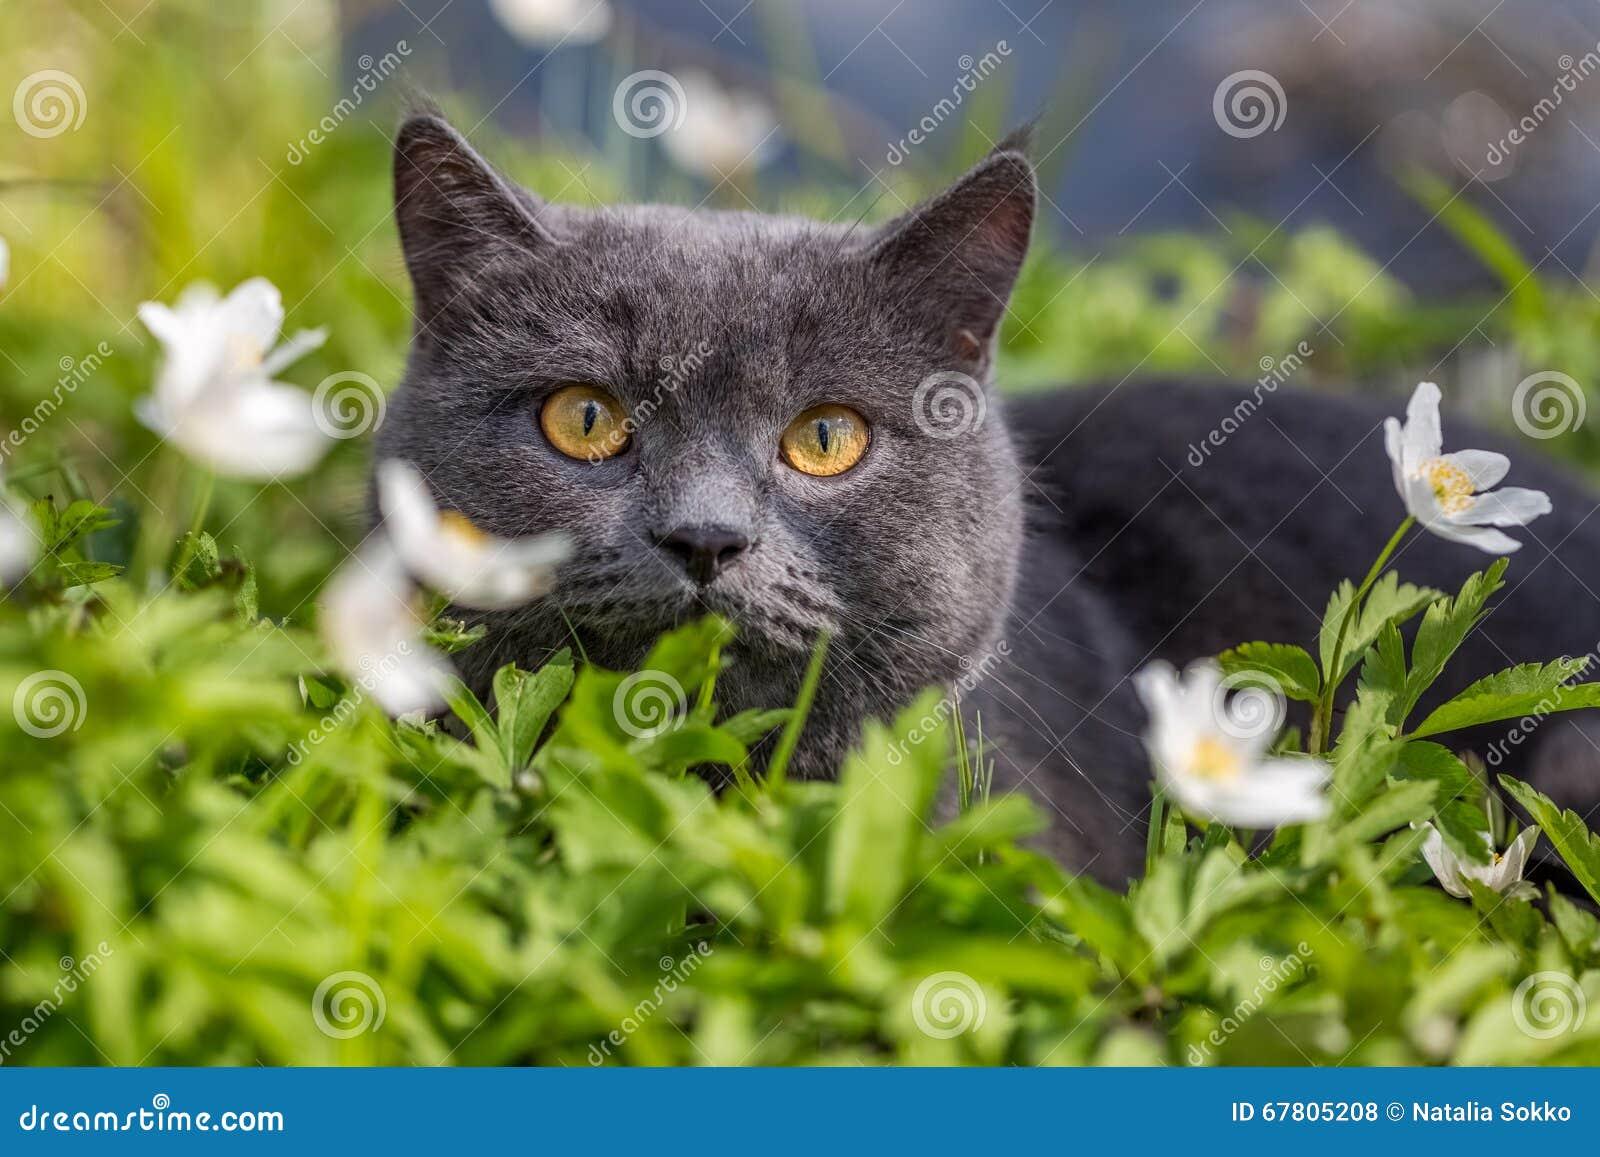 Gatto britannico nei fiori di primavera fotografia stock for Fiori di primavera